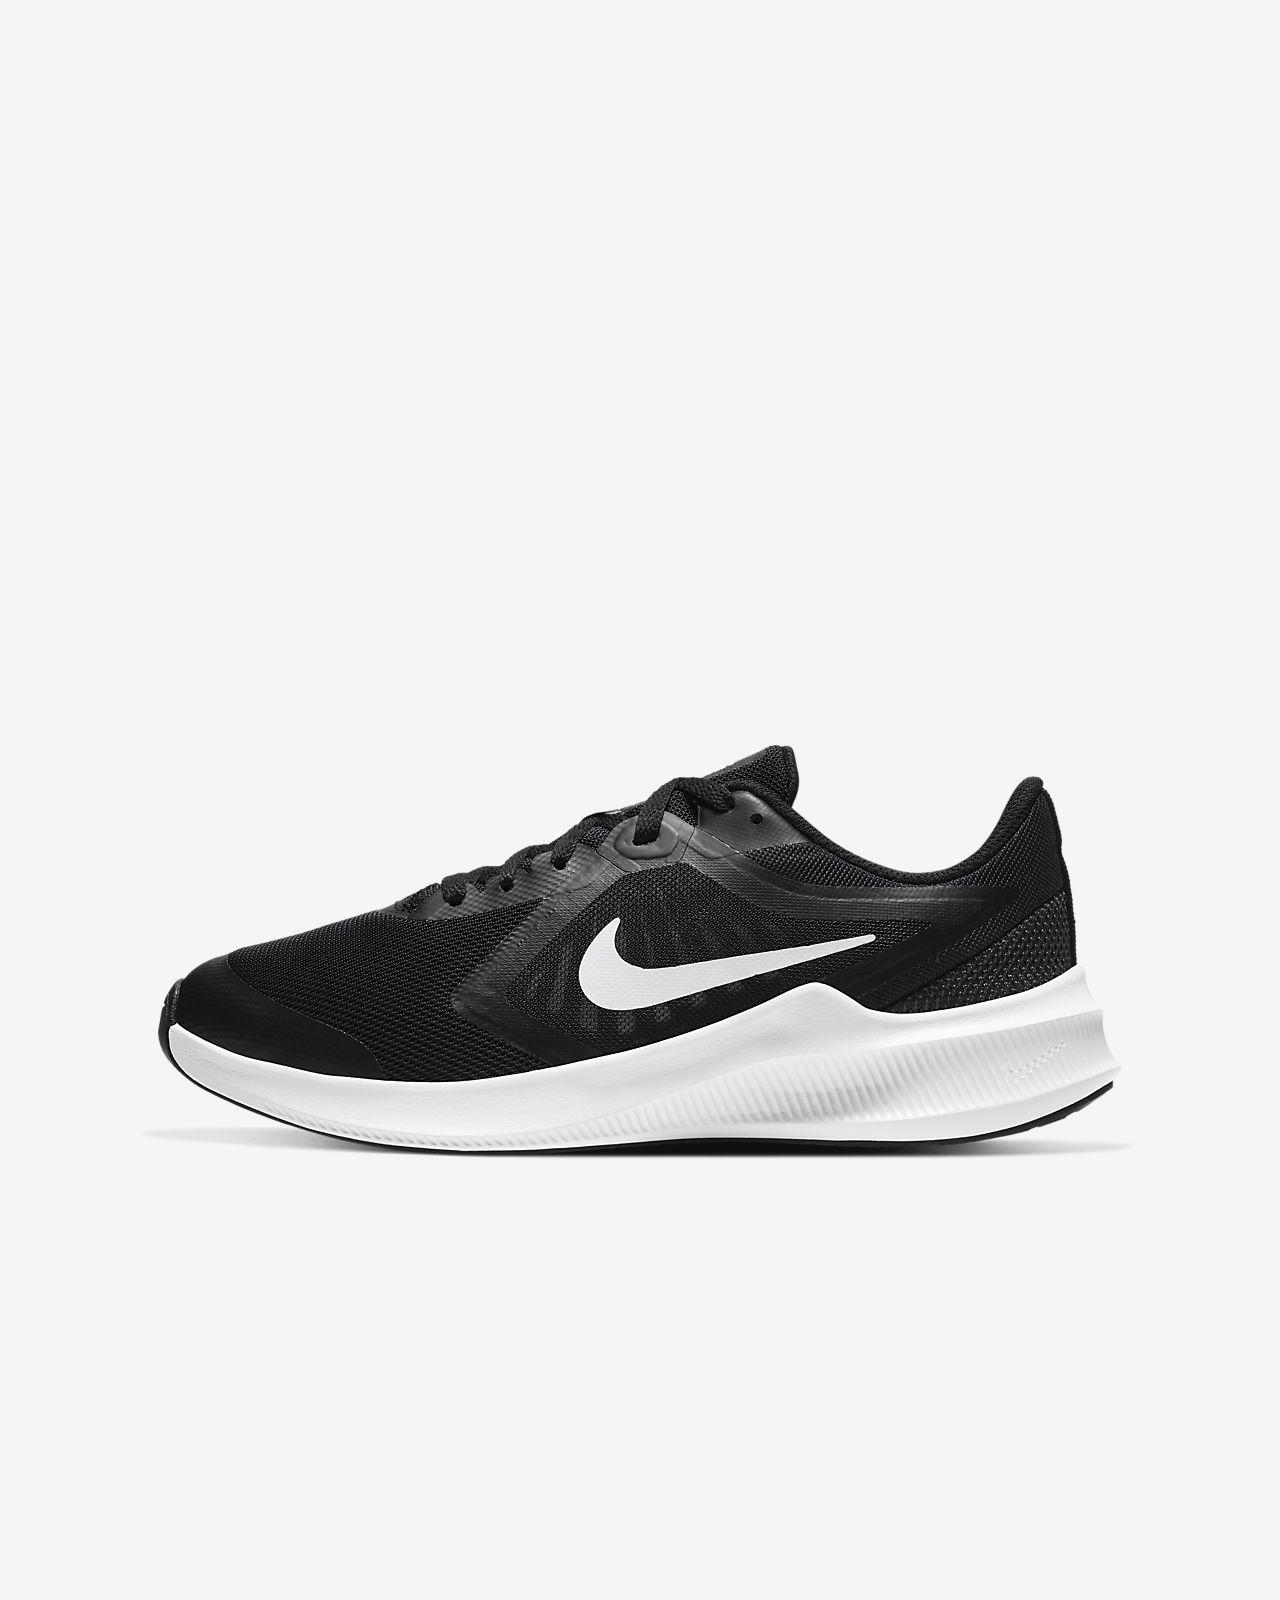 Nike Downshifter 10 Big Kids' Running Shoe (Wide)